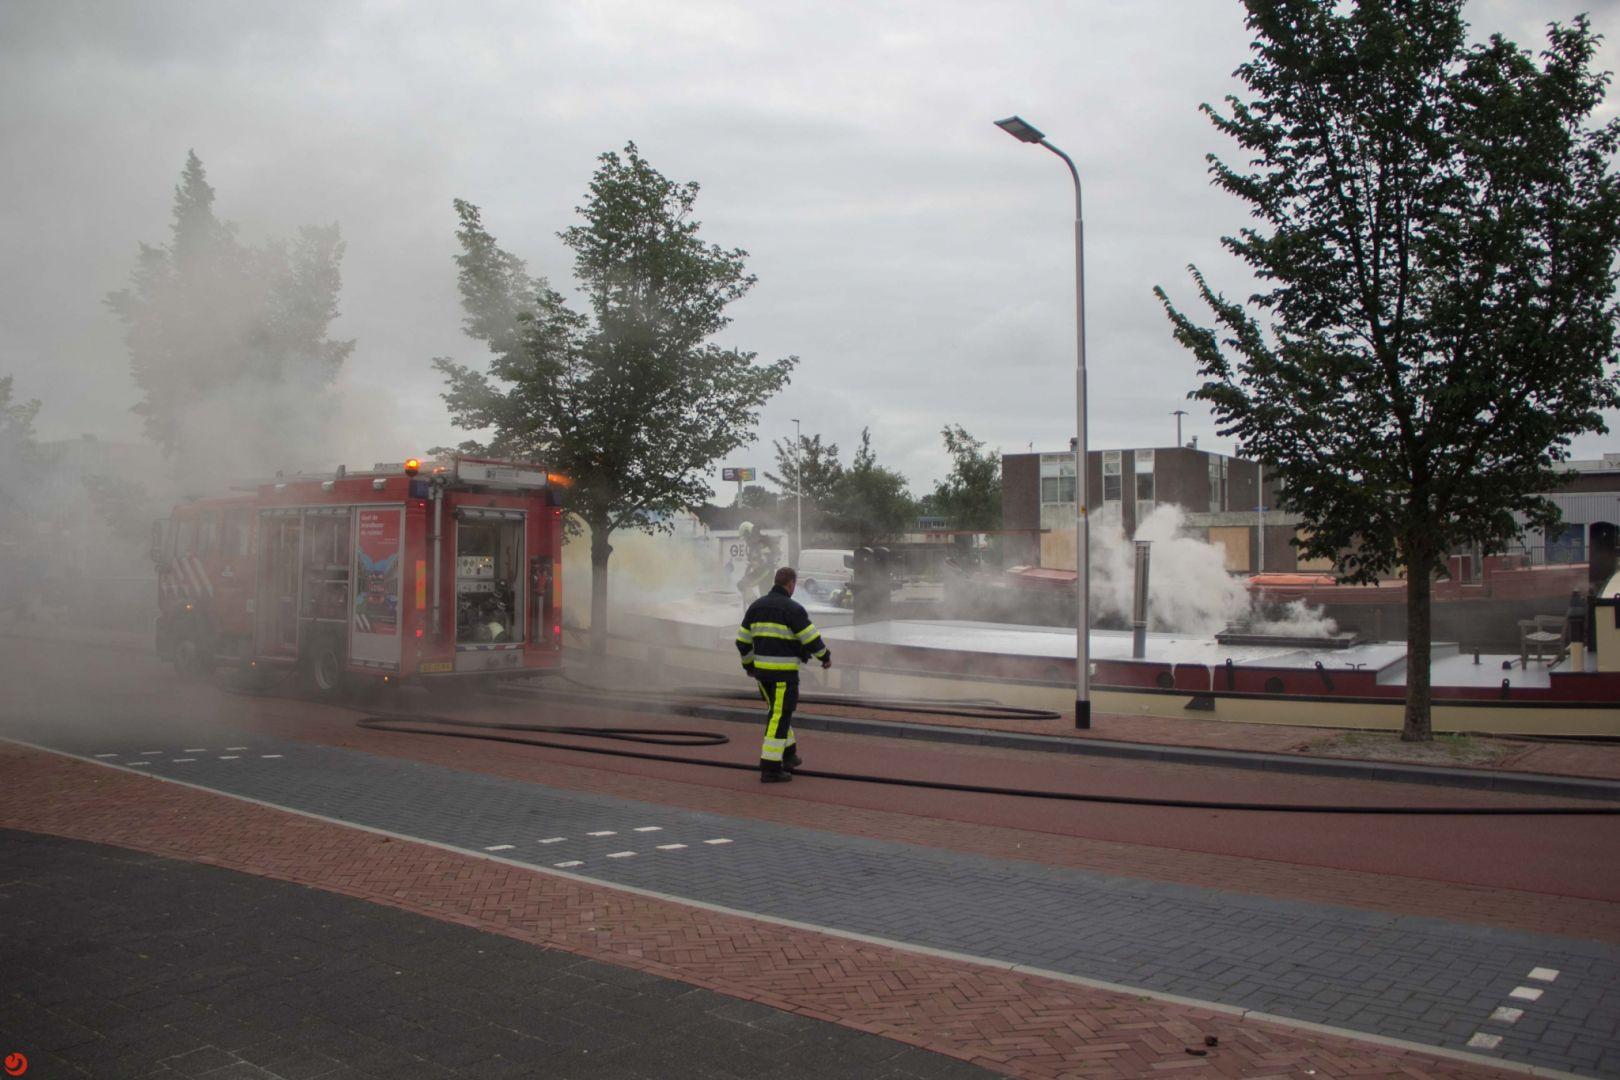 Woonboot in brand: mogelijk inbraak en brandstichting